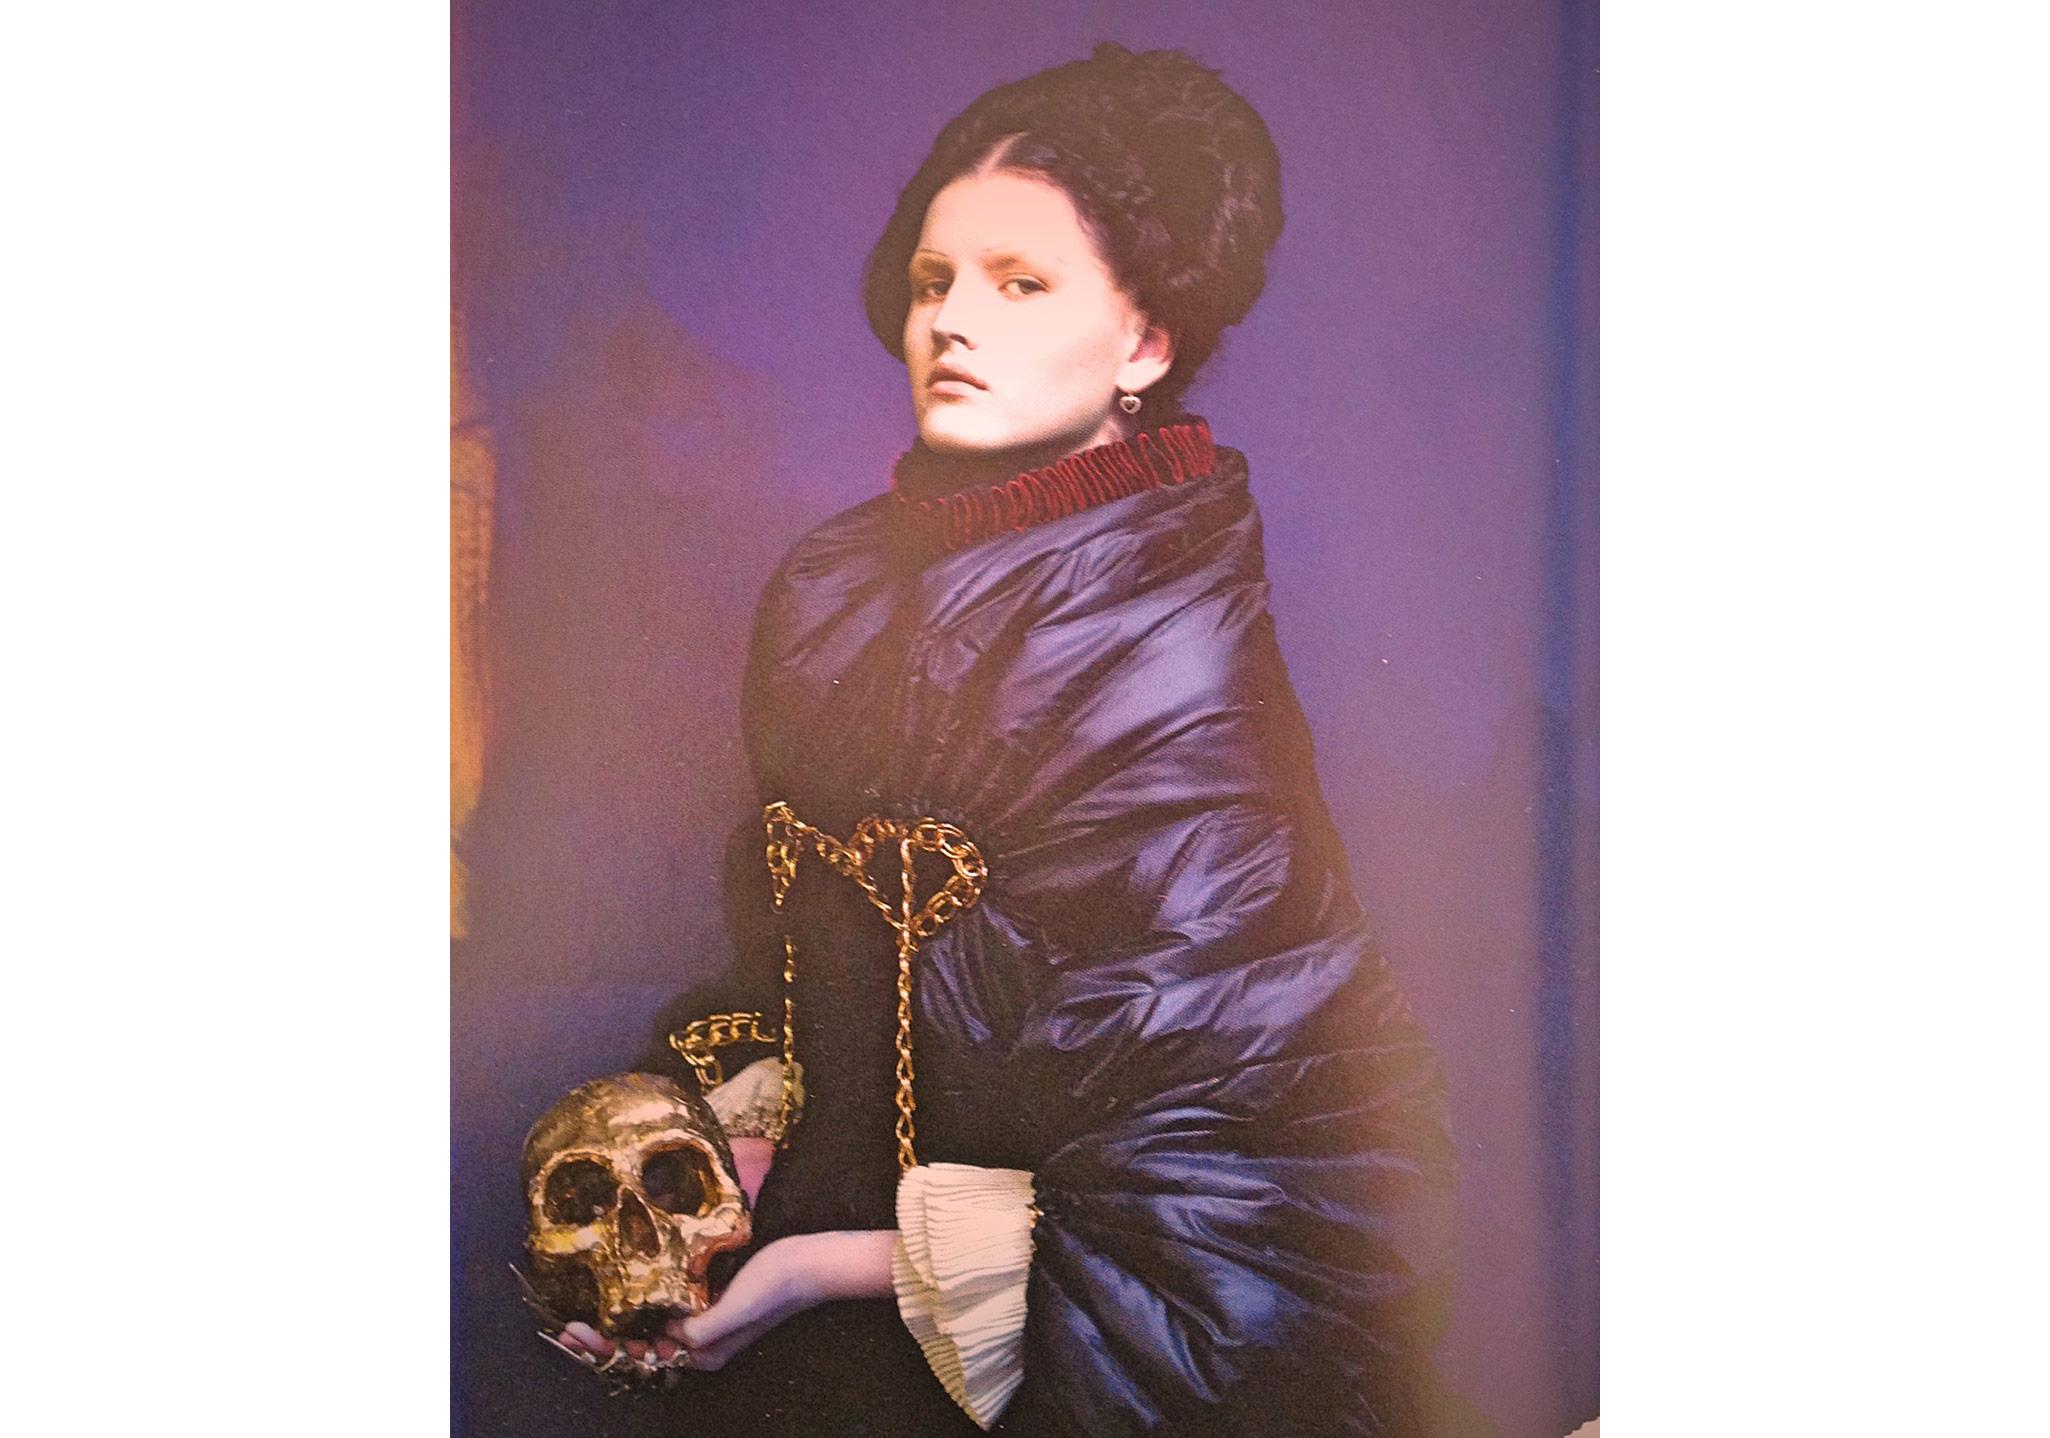 """Stylist Katie Shillingford'un Kasım 2009'da Dazed&Confused için yaptığı """"Tudor Wench"""" çalışmasından bir kare."""